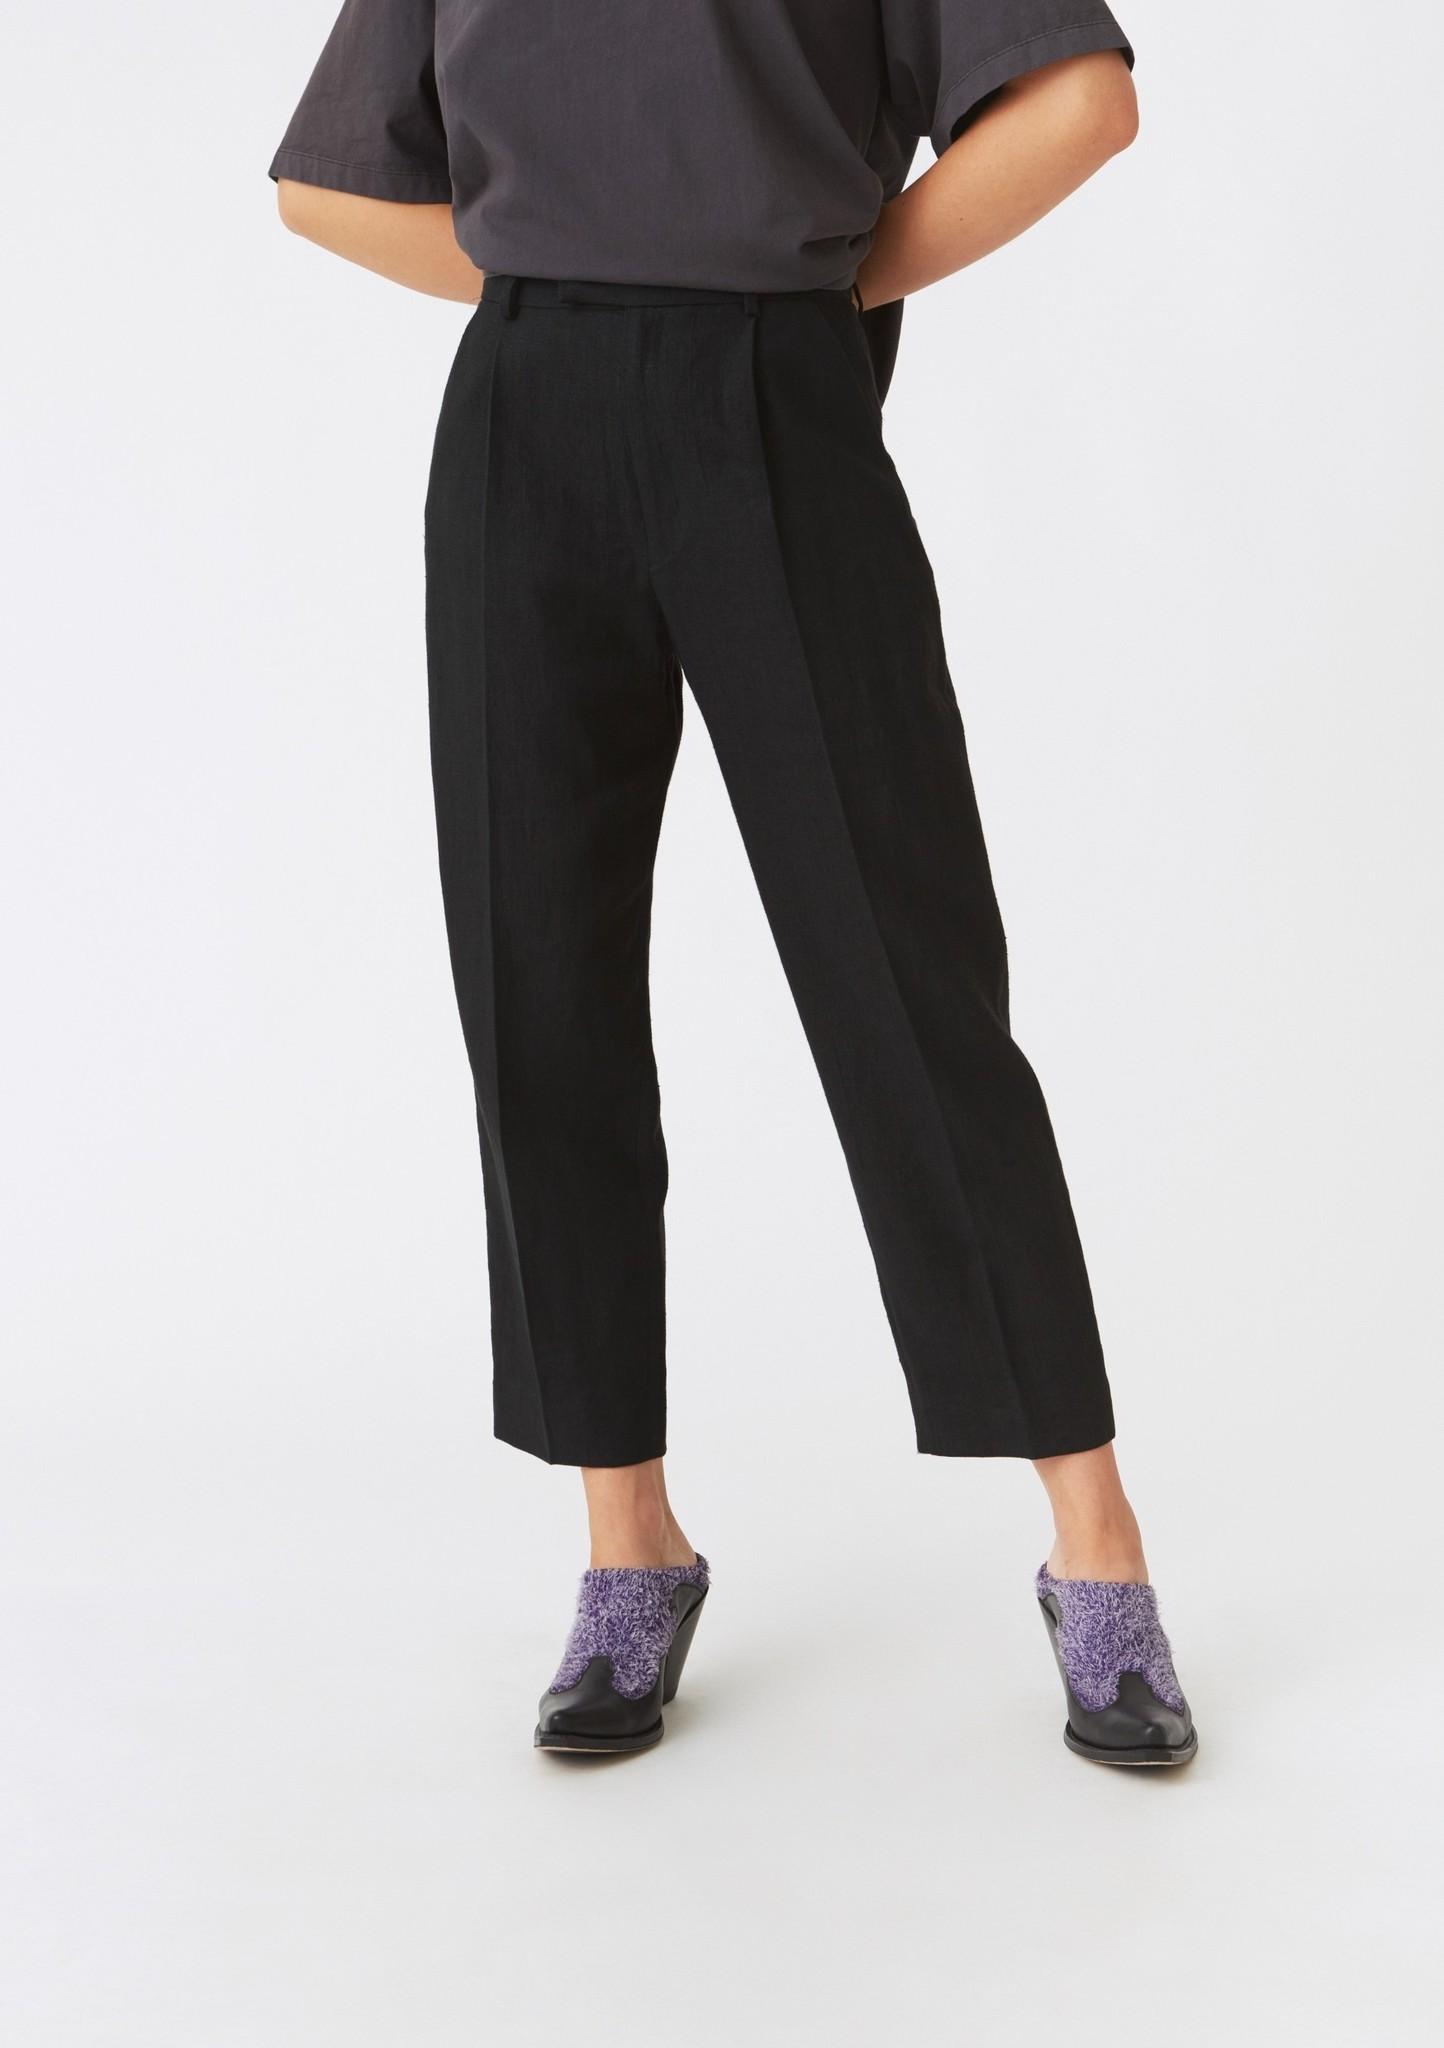 Alta trousers Black linen